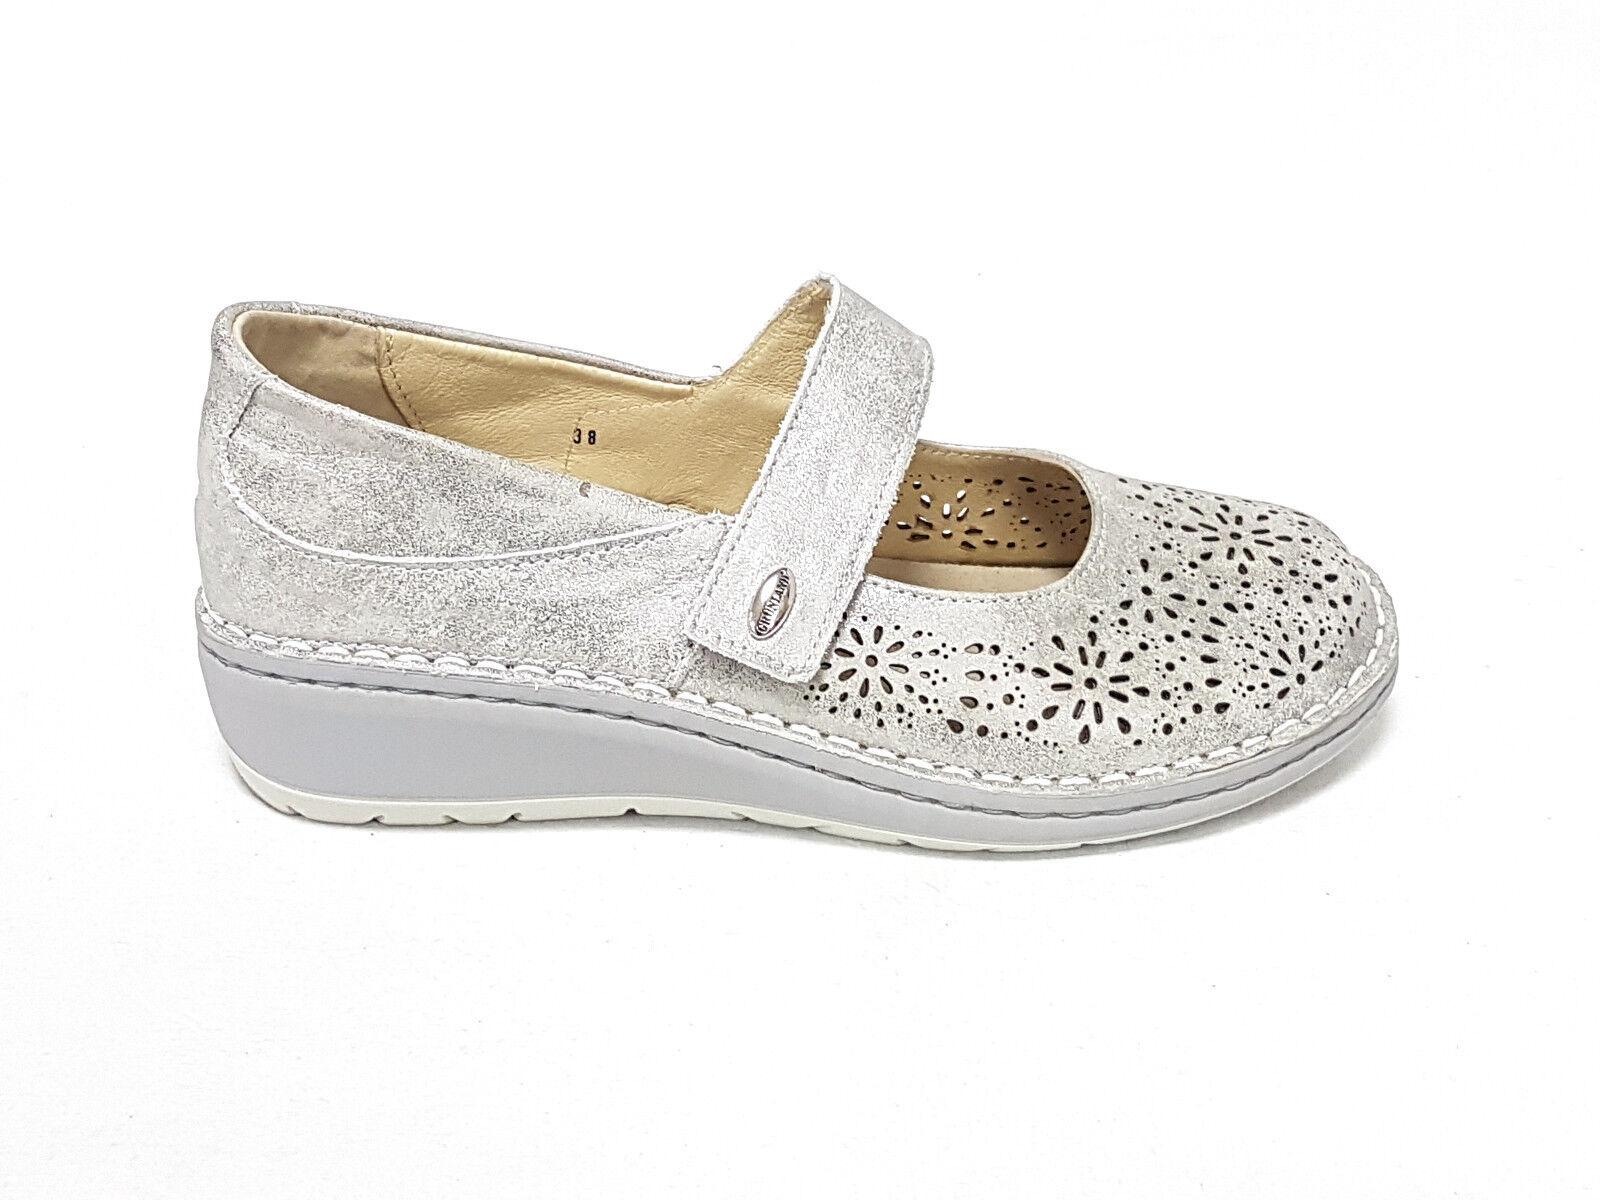 Zapatos de mujer baratos zapatos de mujer Descuento por tiempo limitado Grunland ballerina donna nesi sc3797 argento n°38